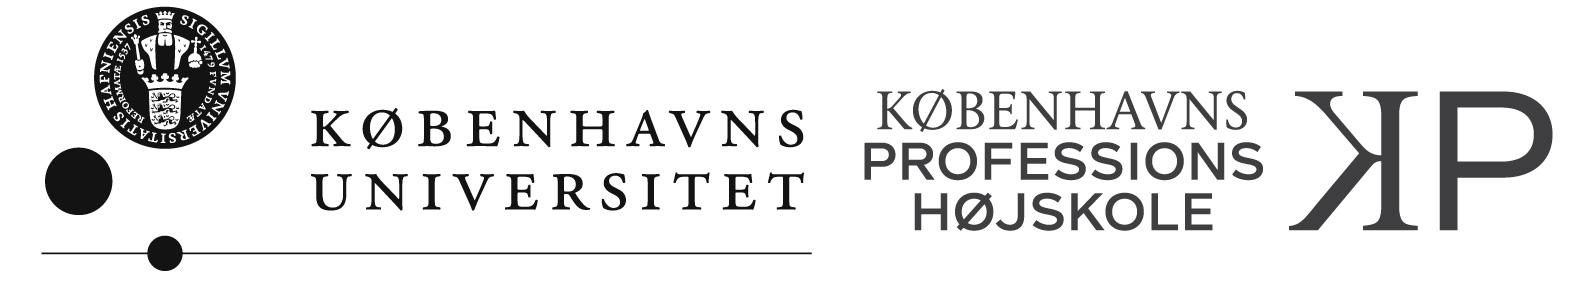 Logo for Københavns Universitet og KP